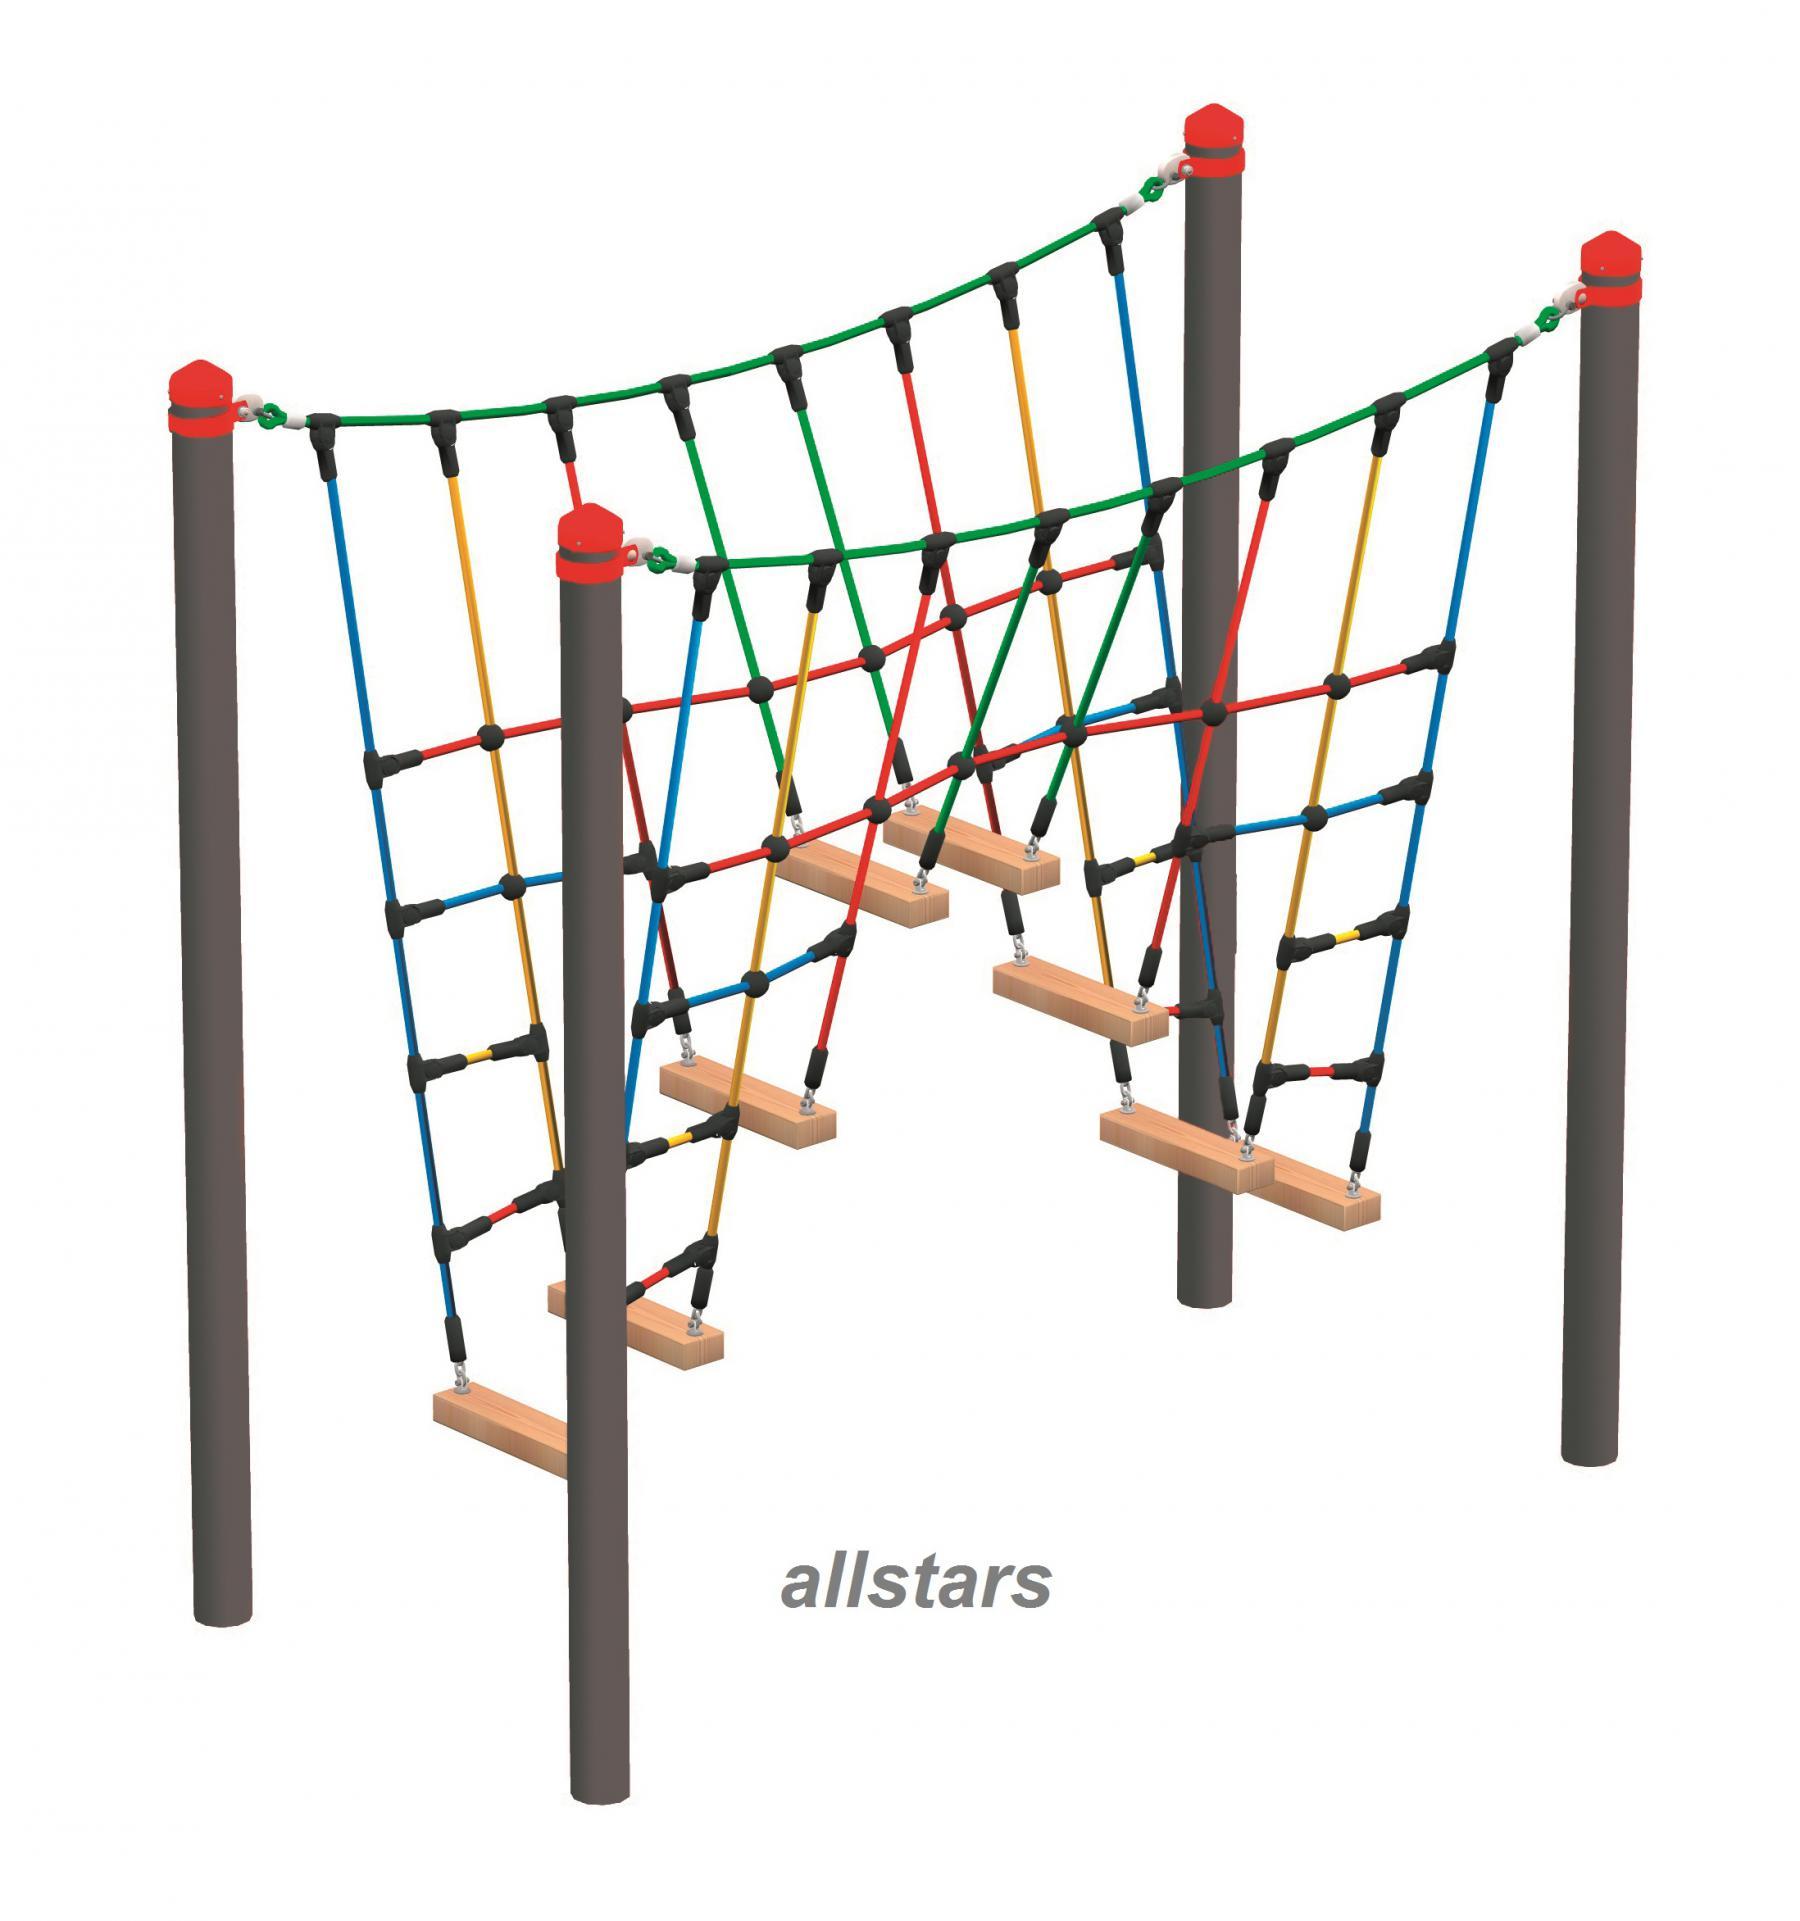 huck vario element 12 kletterbr cke f r stahlpfosten ffentlicher spielplatz kletternetz. Black Bedroom Furniture Sets. Home Design Ideas